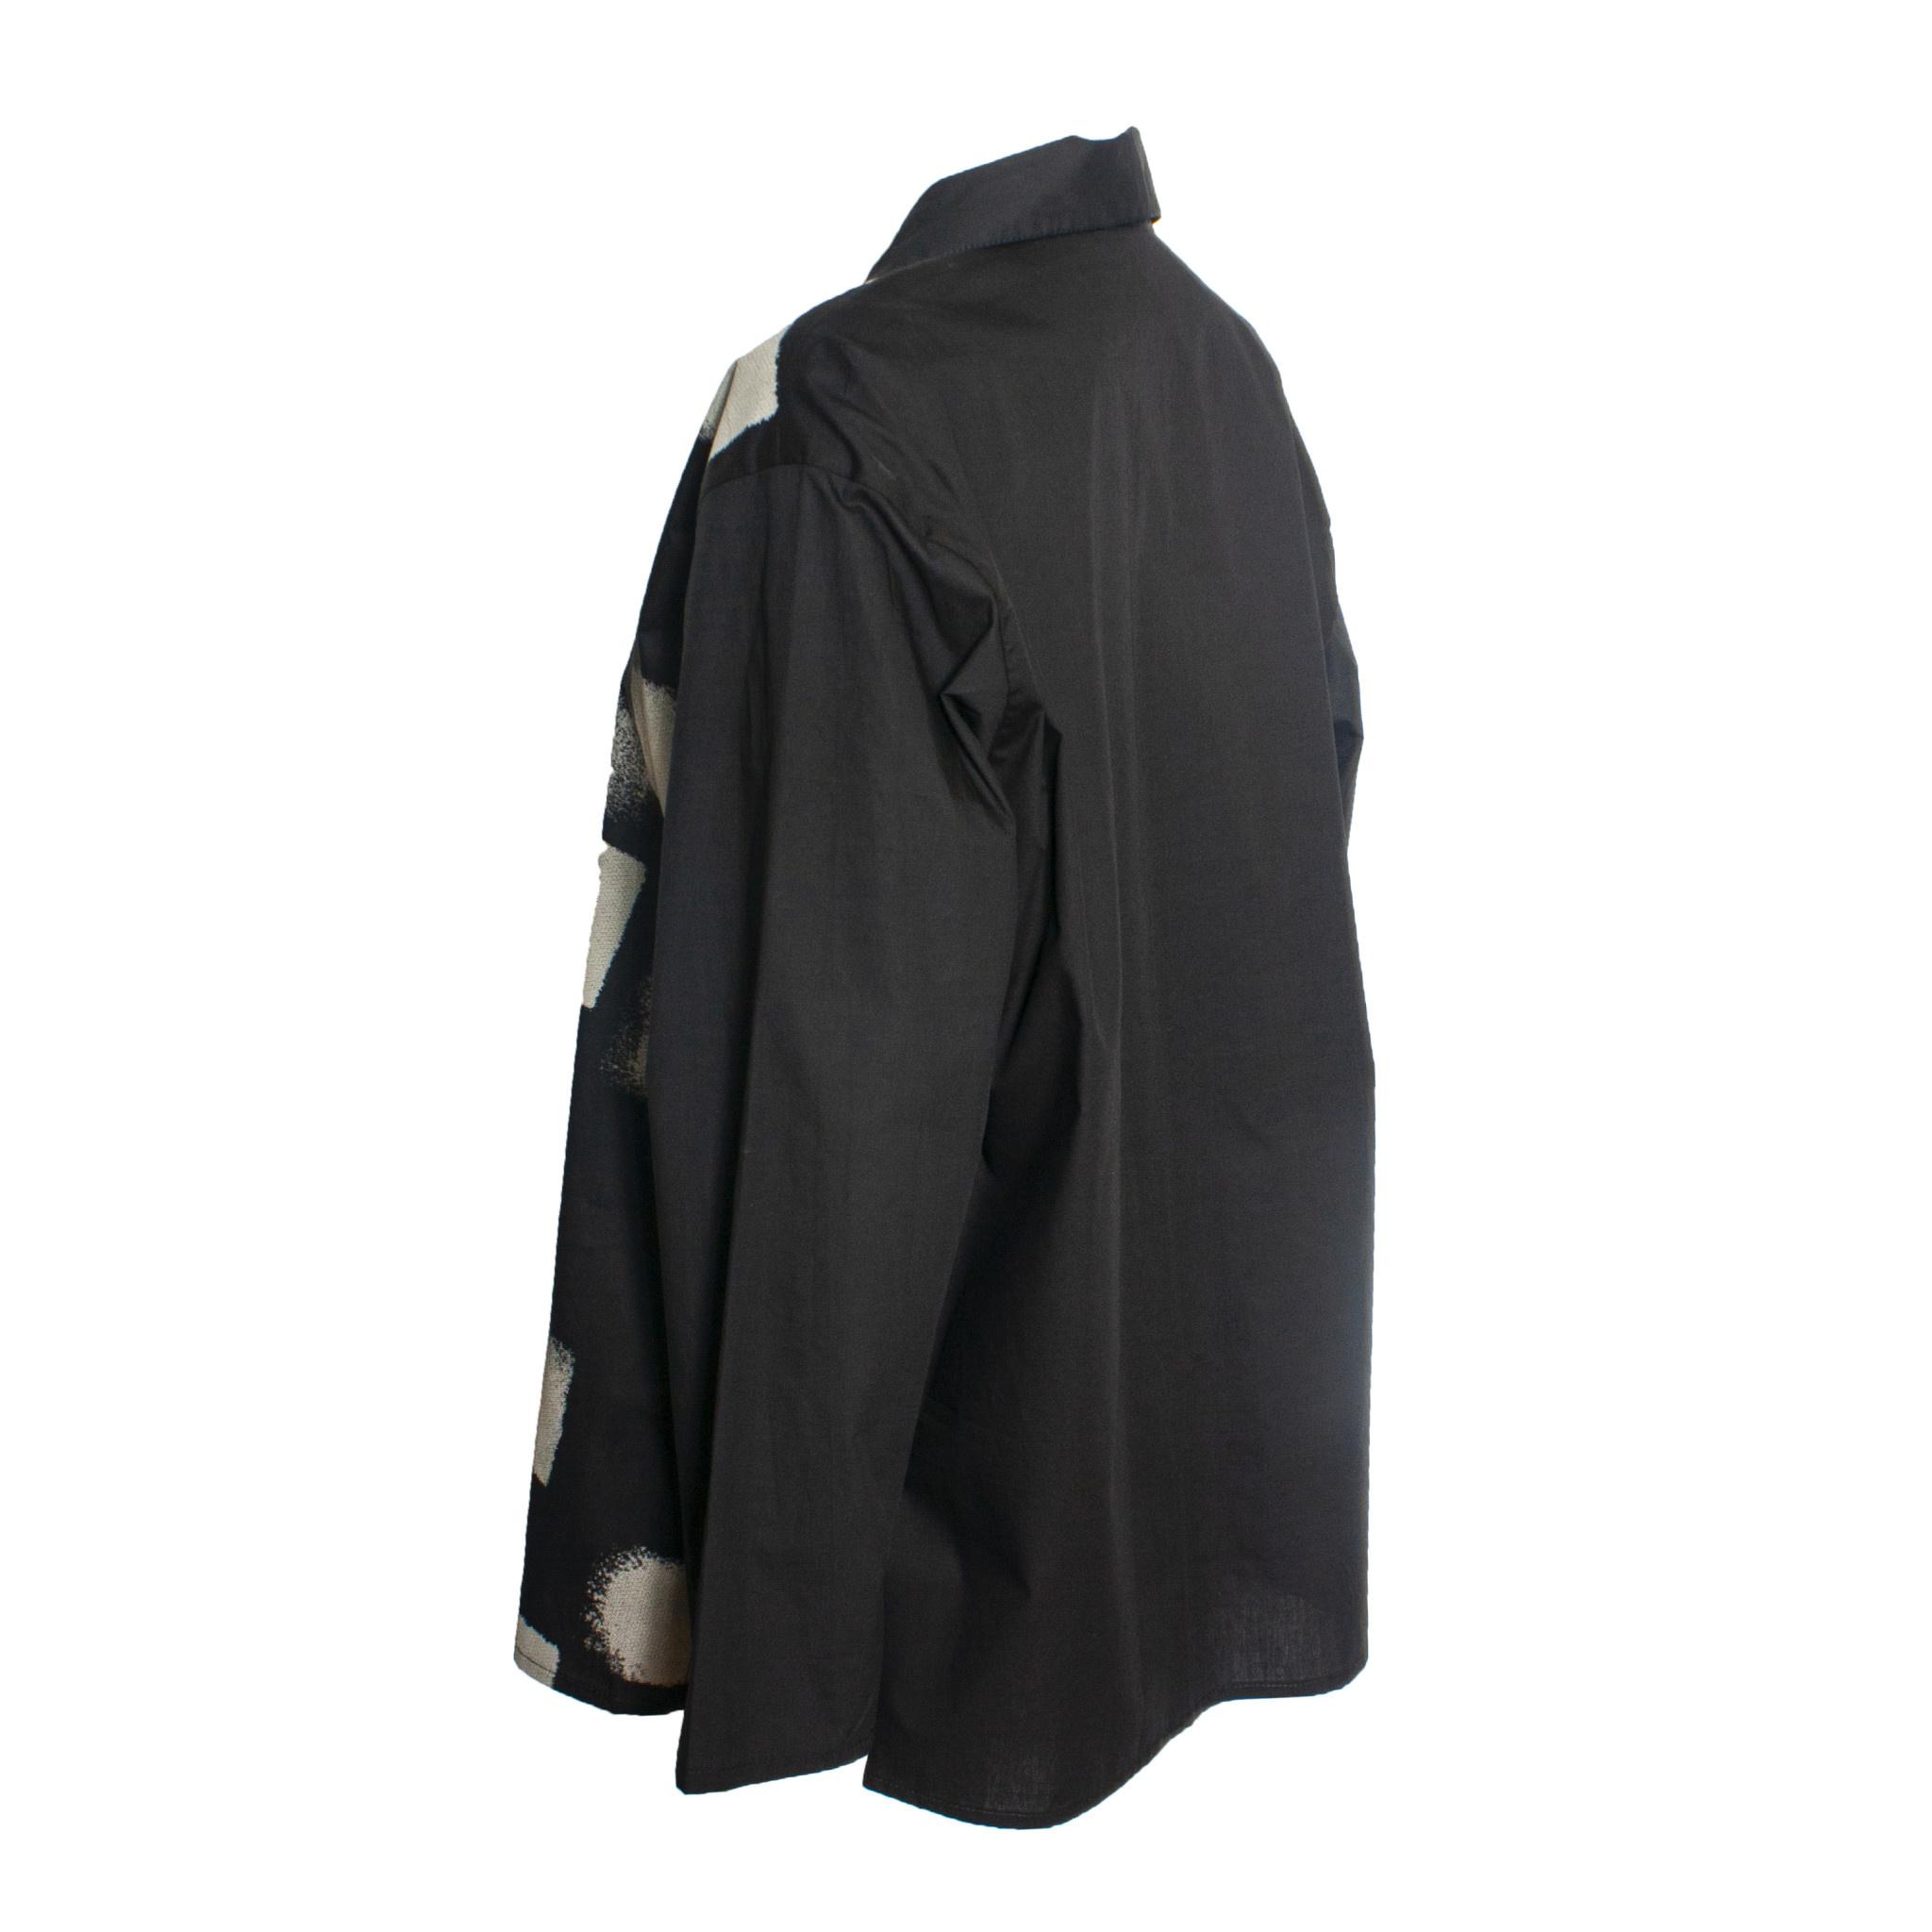 Xiaoyan Xiaoyan Collared Shirt -Black Tan Print